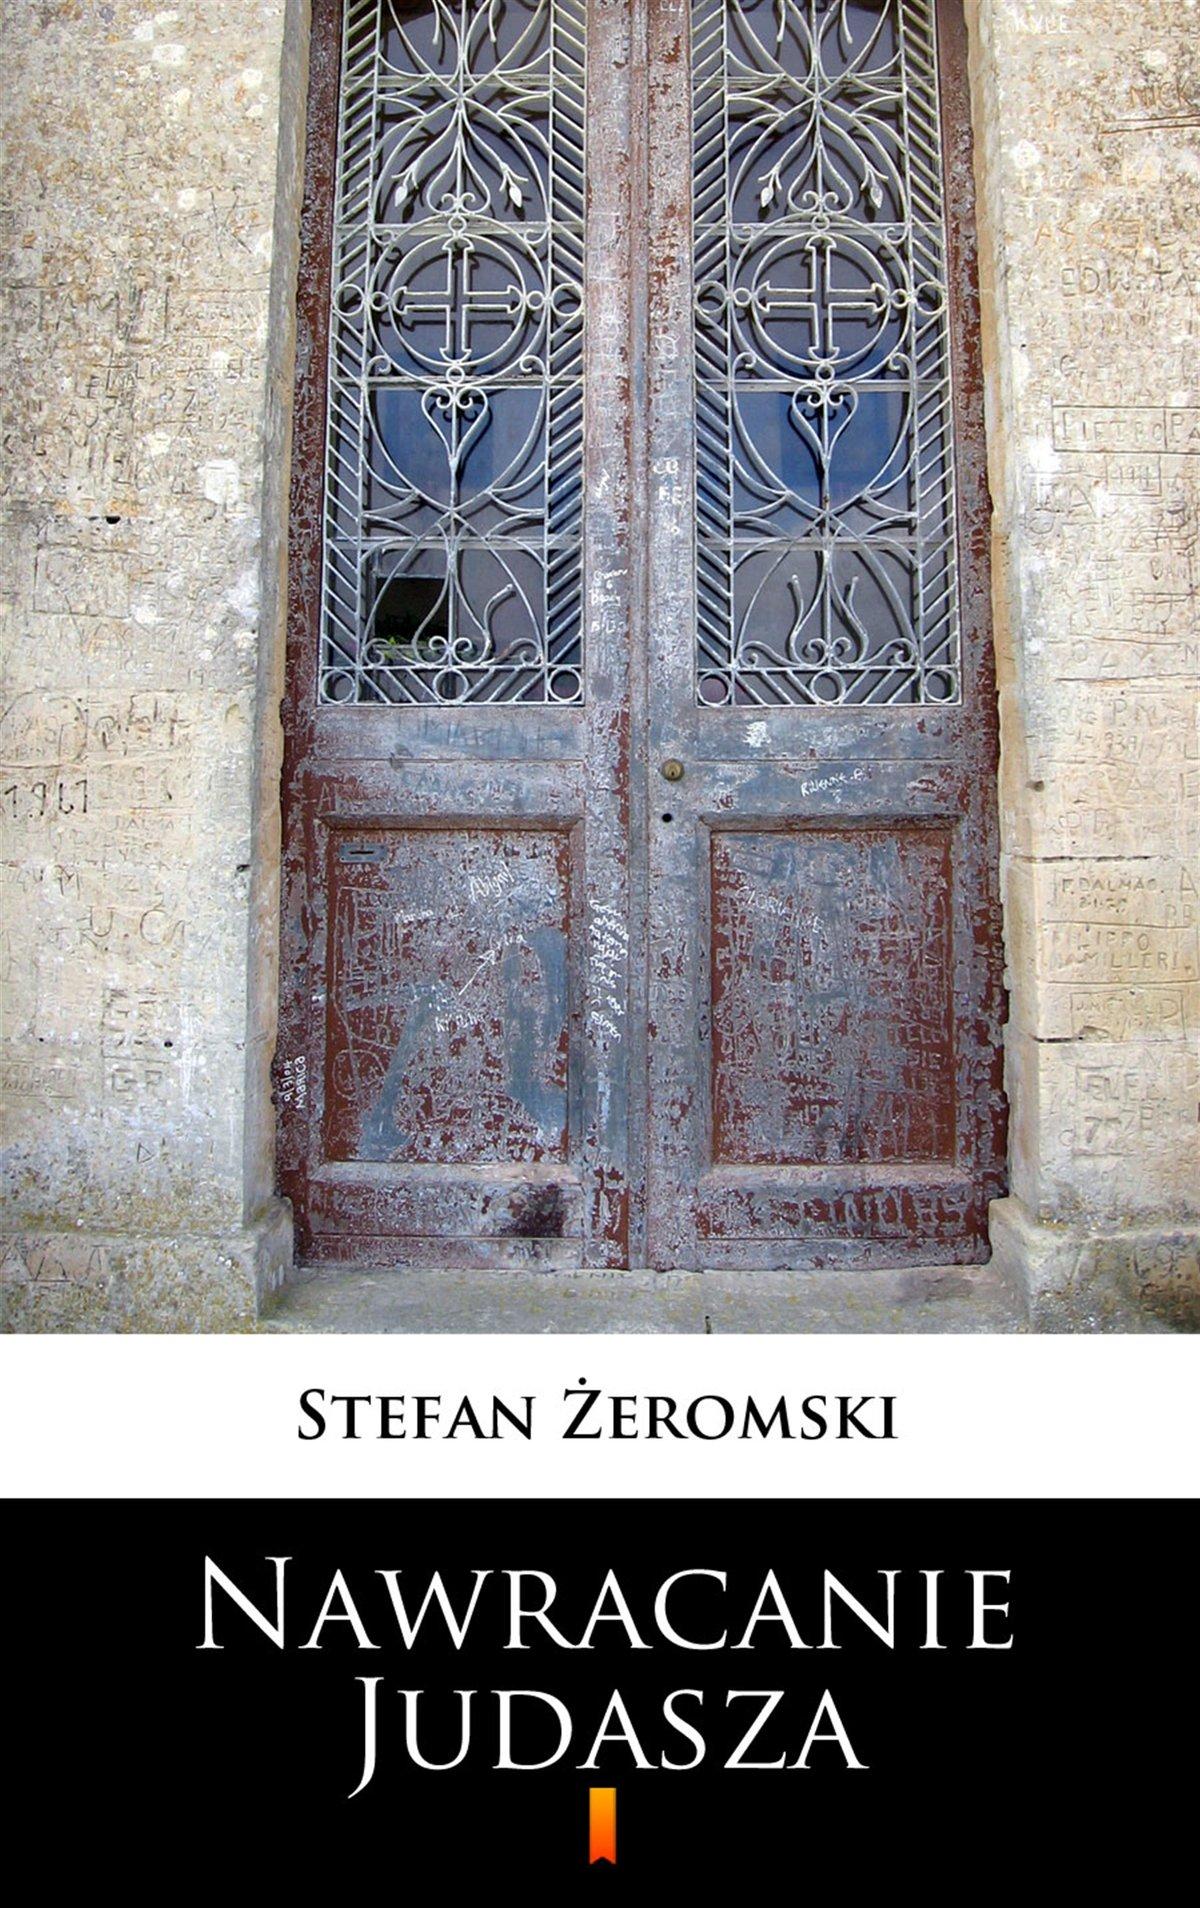 Walka z szatanem. Nawracanie Judasza. Część III - Ebook (Książka na Kindle) do pobrania w formacie MOBI